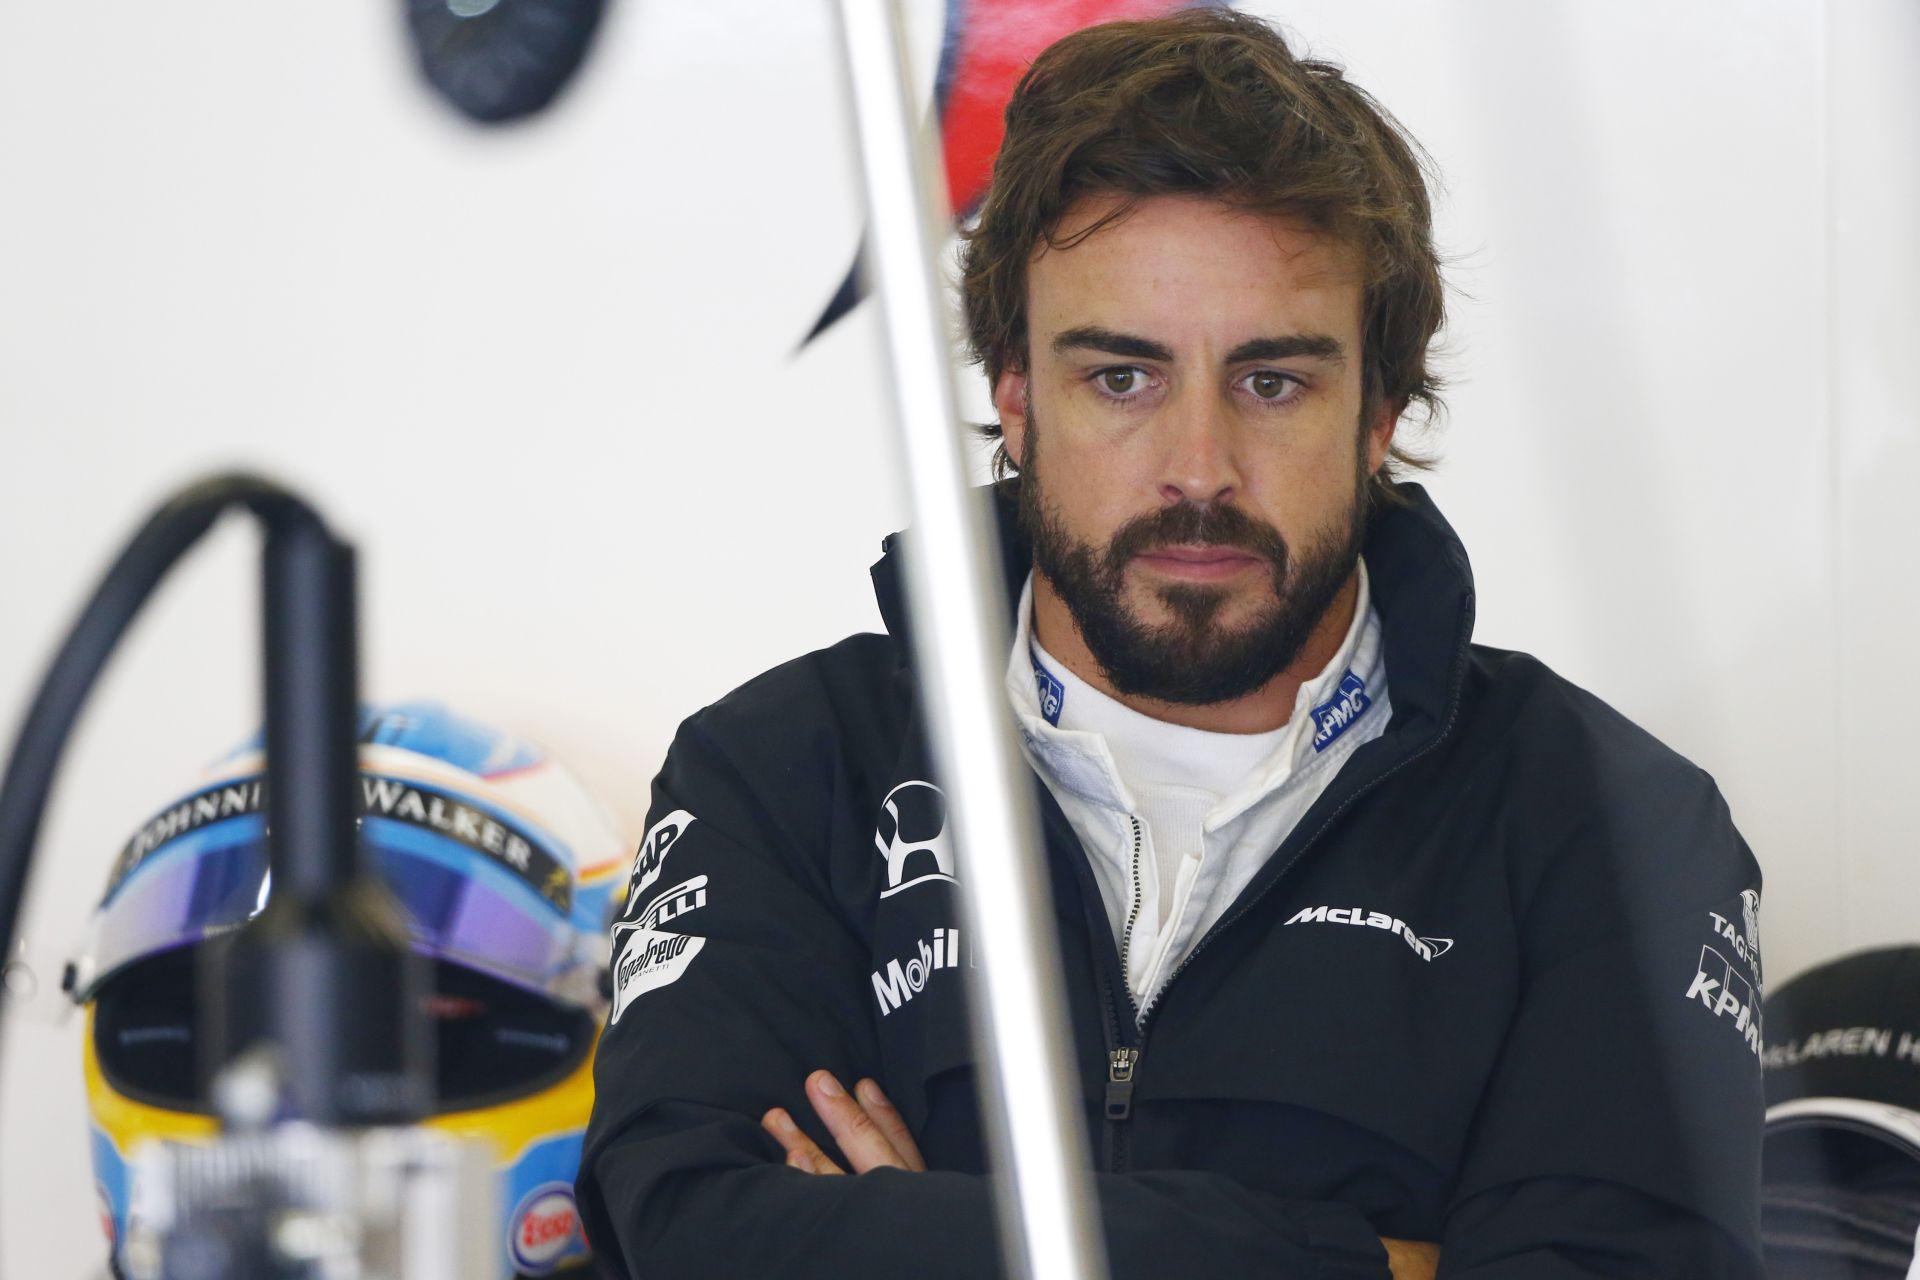 Lauda szerint a Ferrari jó teljesítményének egyik oka Alonso távozása, aki belülről bomlaszthatta a csapatot